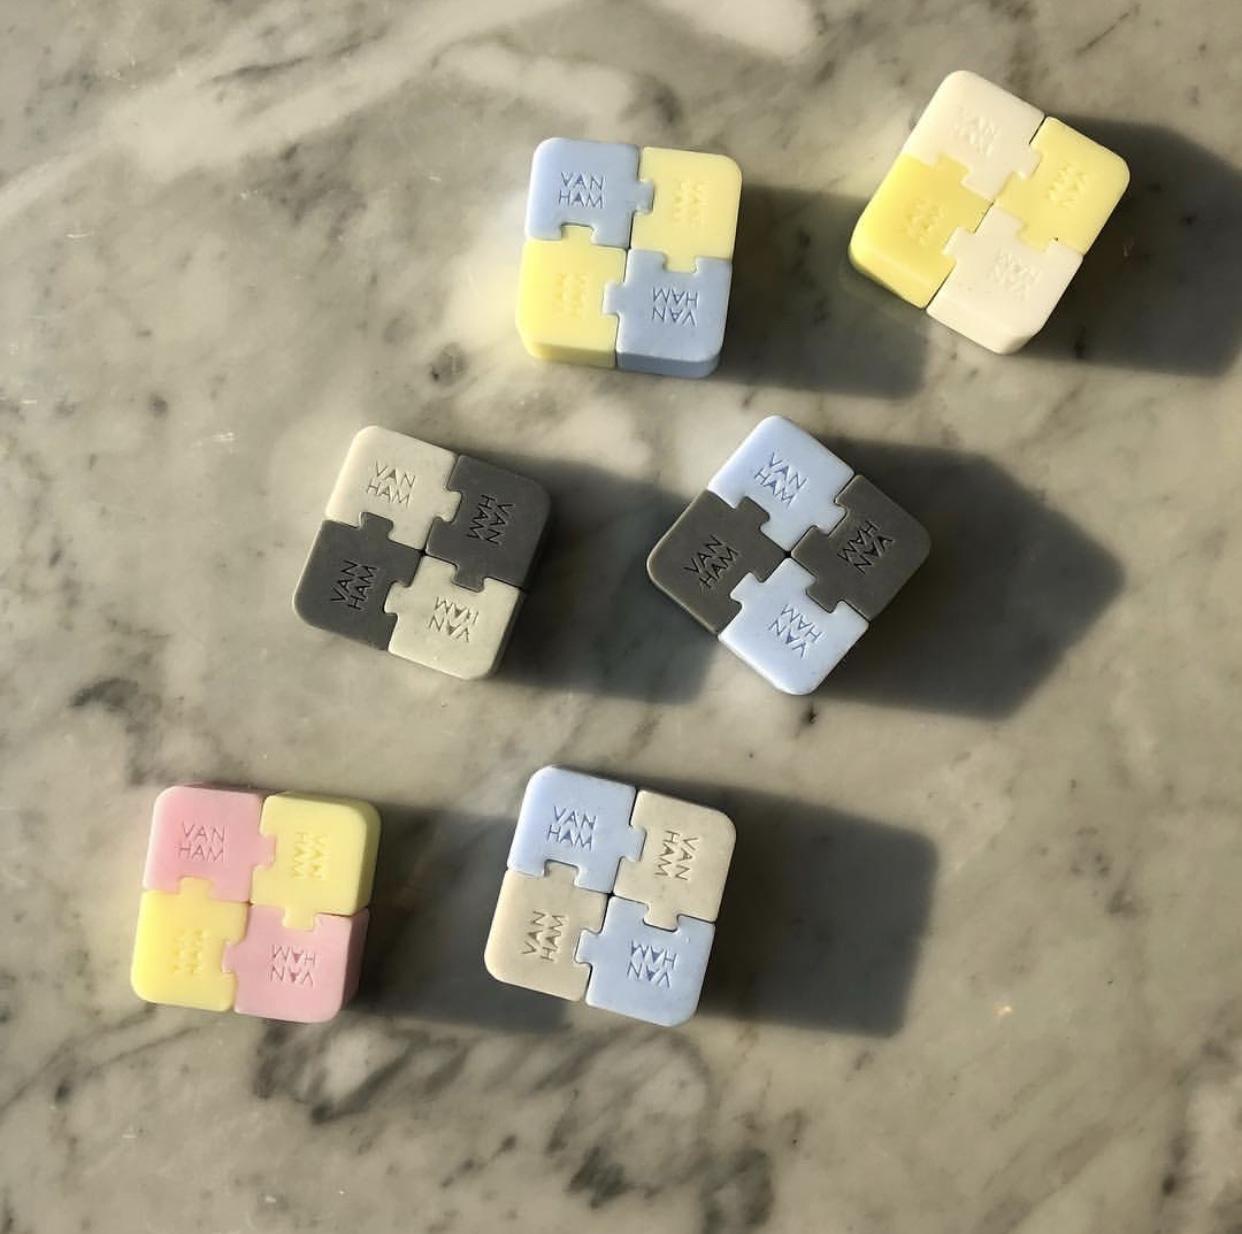 ブロック石鹸 組み合わせ